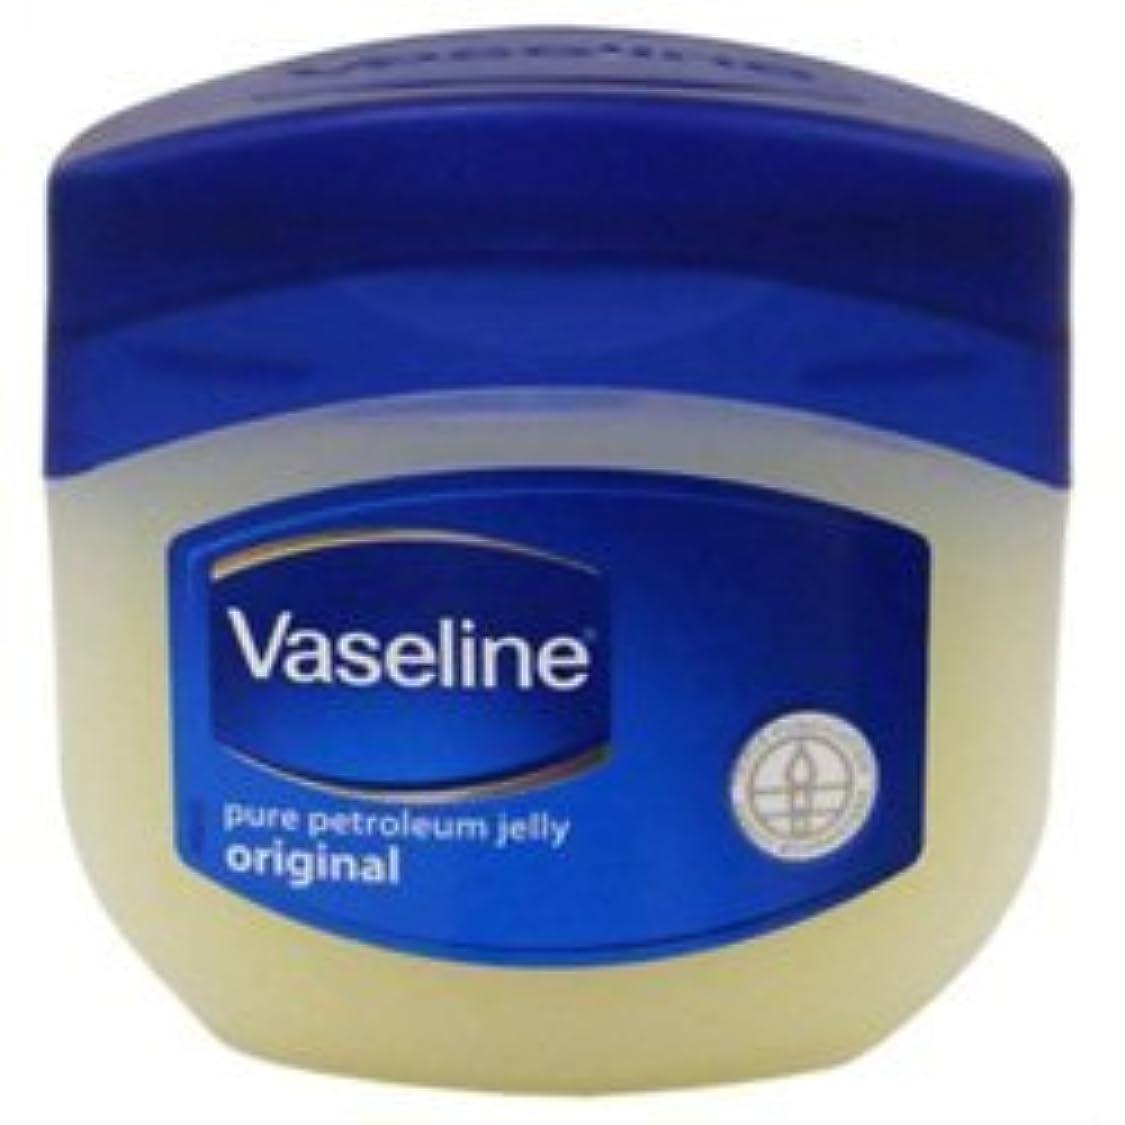 コジオスコラフ睡眠カメ【Vaseline】ヴァセリン ピュアスキンジェリー (スキンオイル) 80g ×20個セット